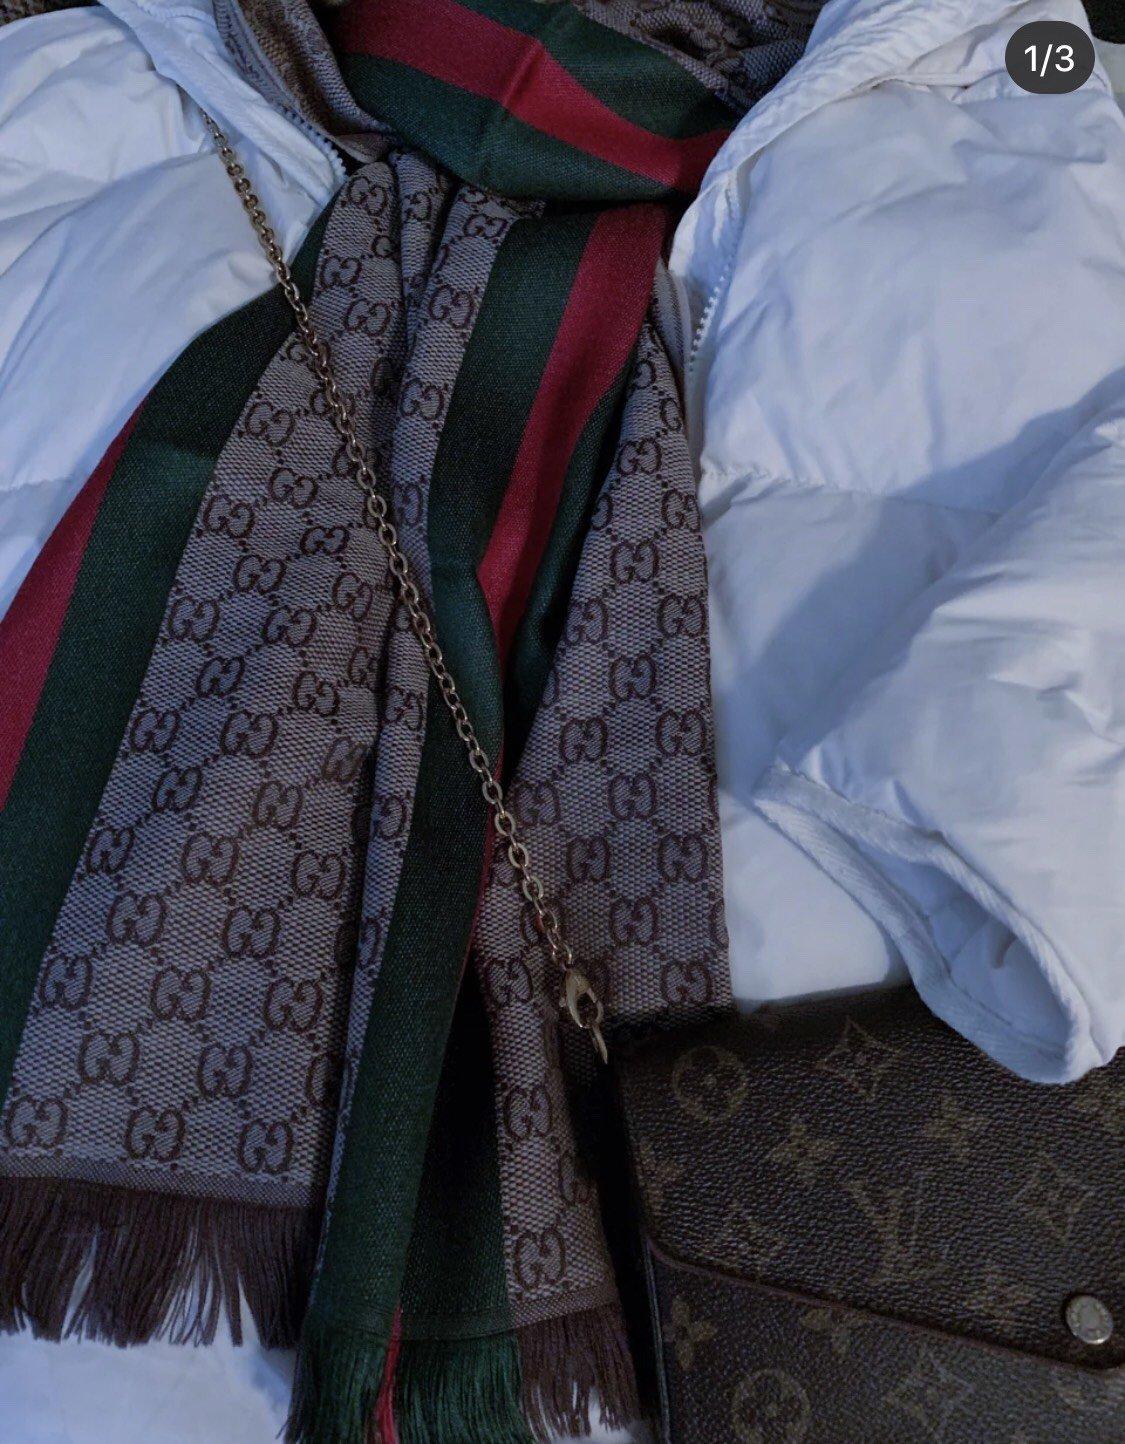 古奇Gucci经典男士羊毛围巾 海外原单双边彩条斜纹红绿带(图1)